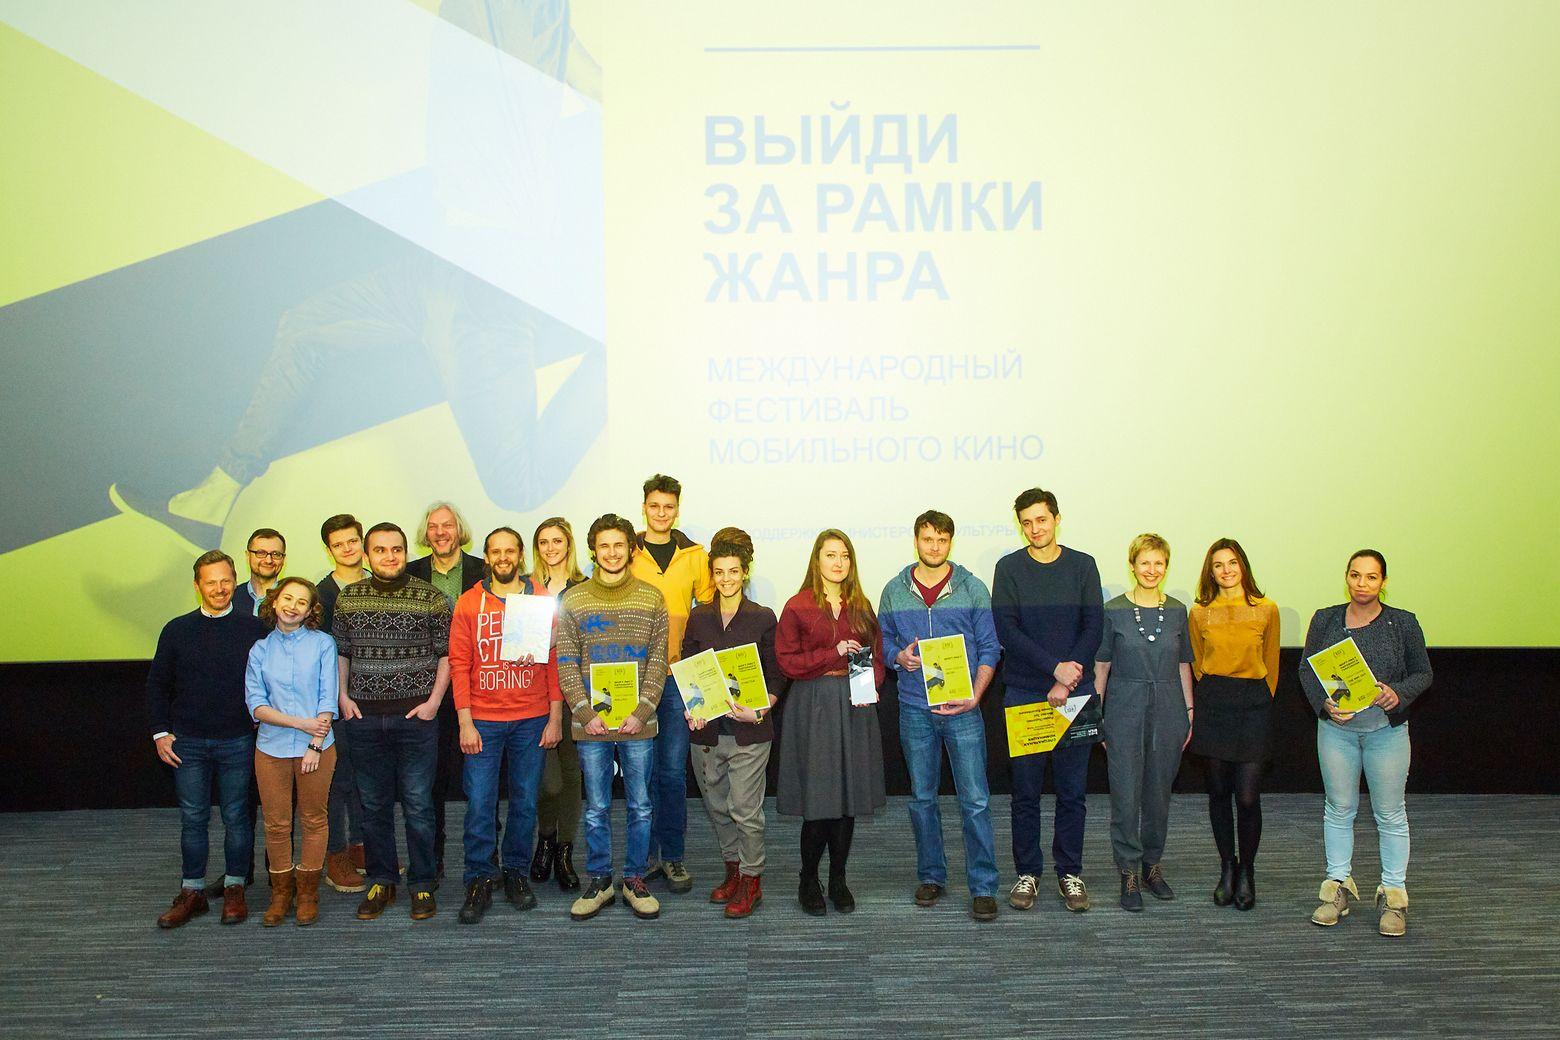 Фестиваль мобильного кино velcom Smartfilm